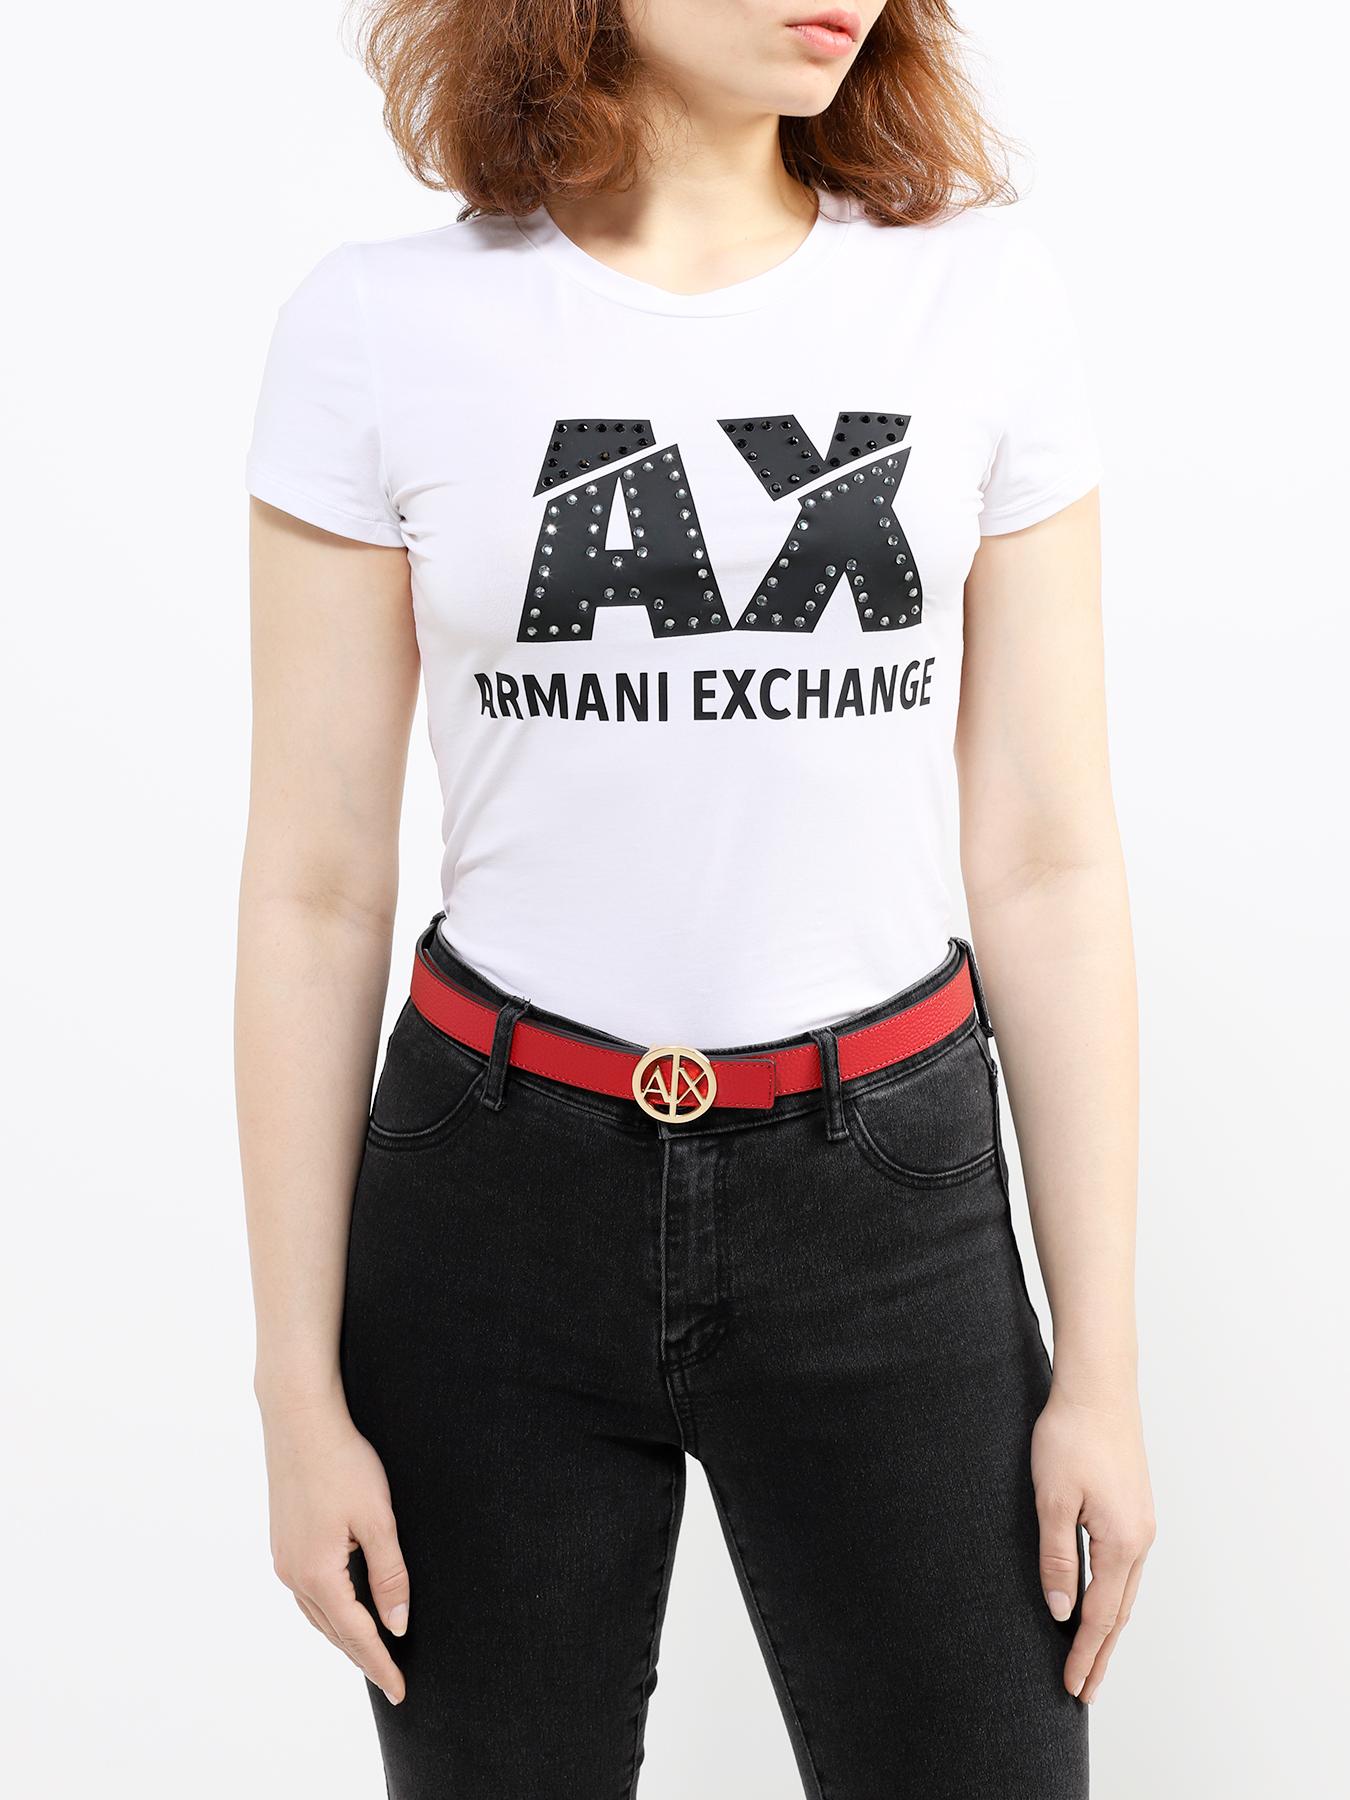 ремень armani exchange armani exchange ar037dwbkwq8 Ремень Armani Exchange Ремень